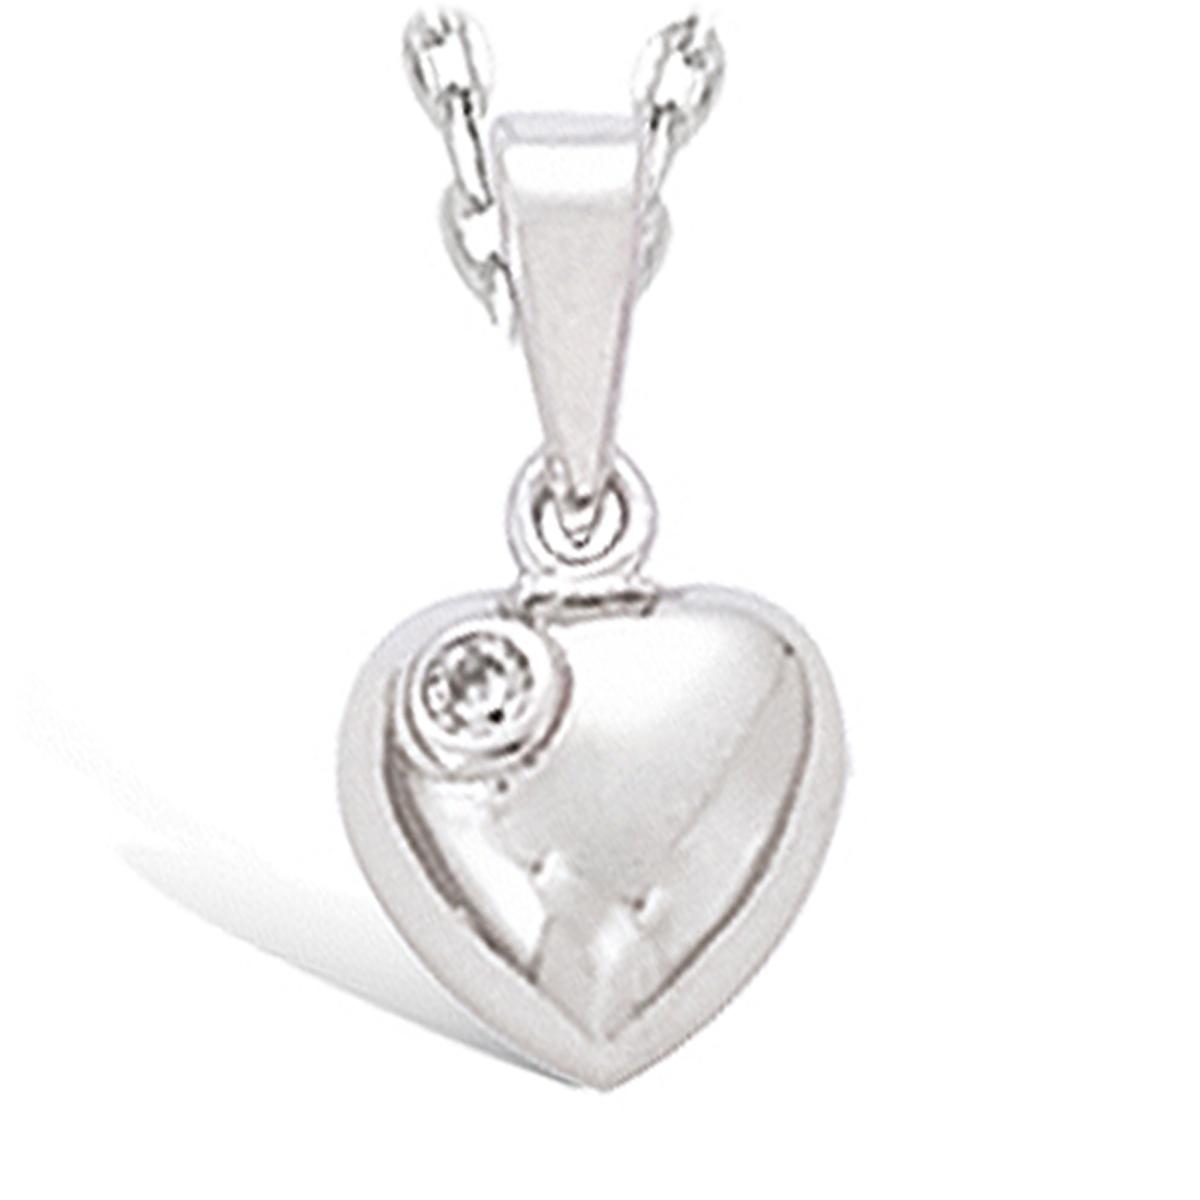 Pendentif Argent \'Love\' blanc argenté (rhodié) - 7x7 mm - [I4200]